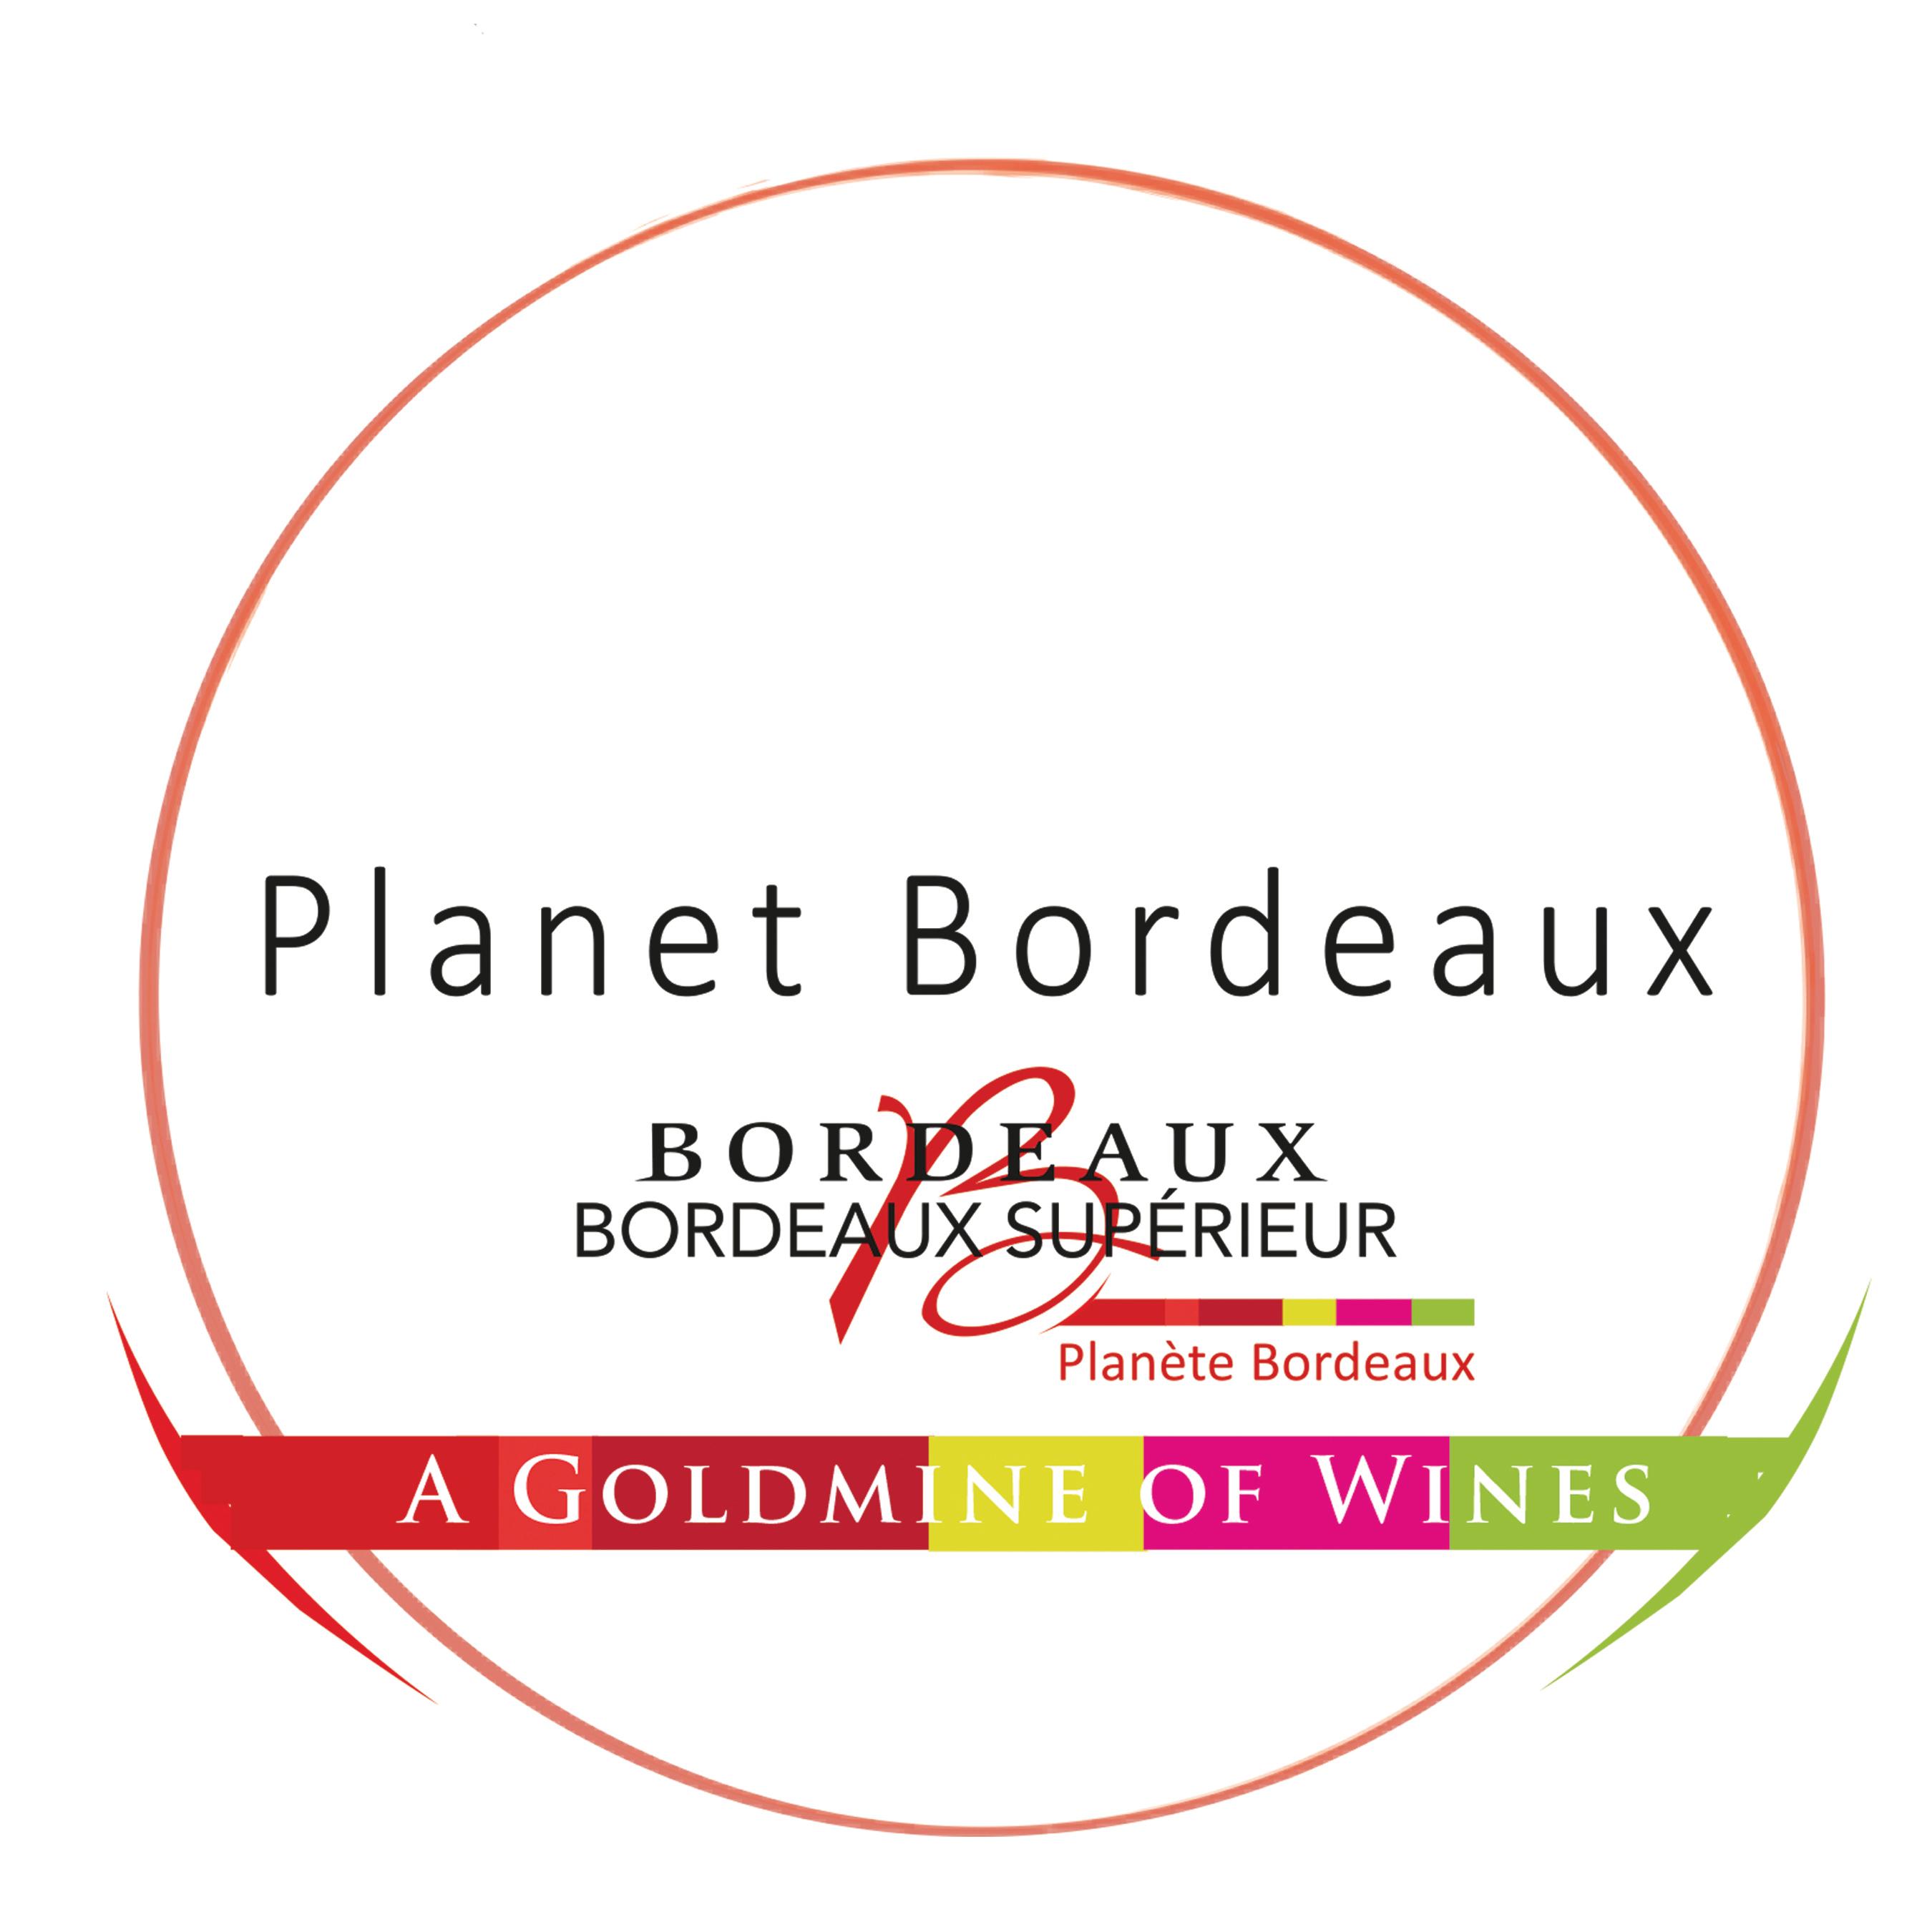 Planet Bordeaux.